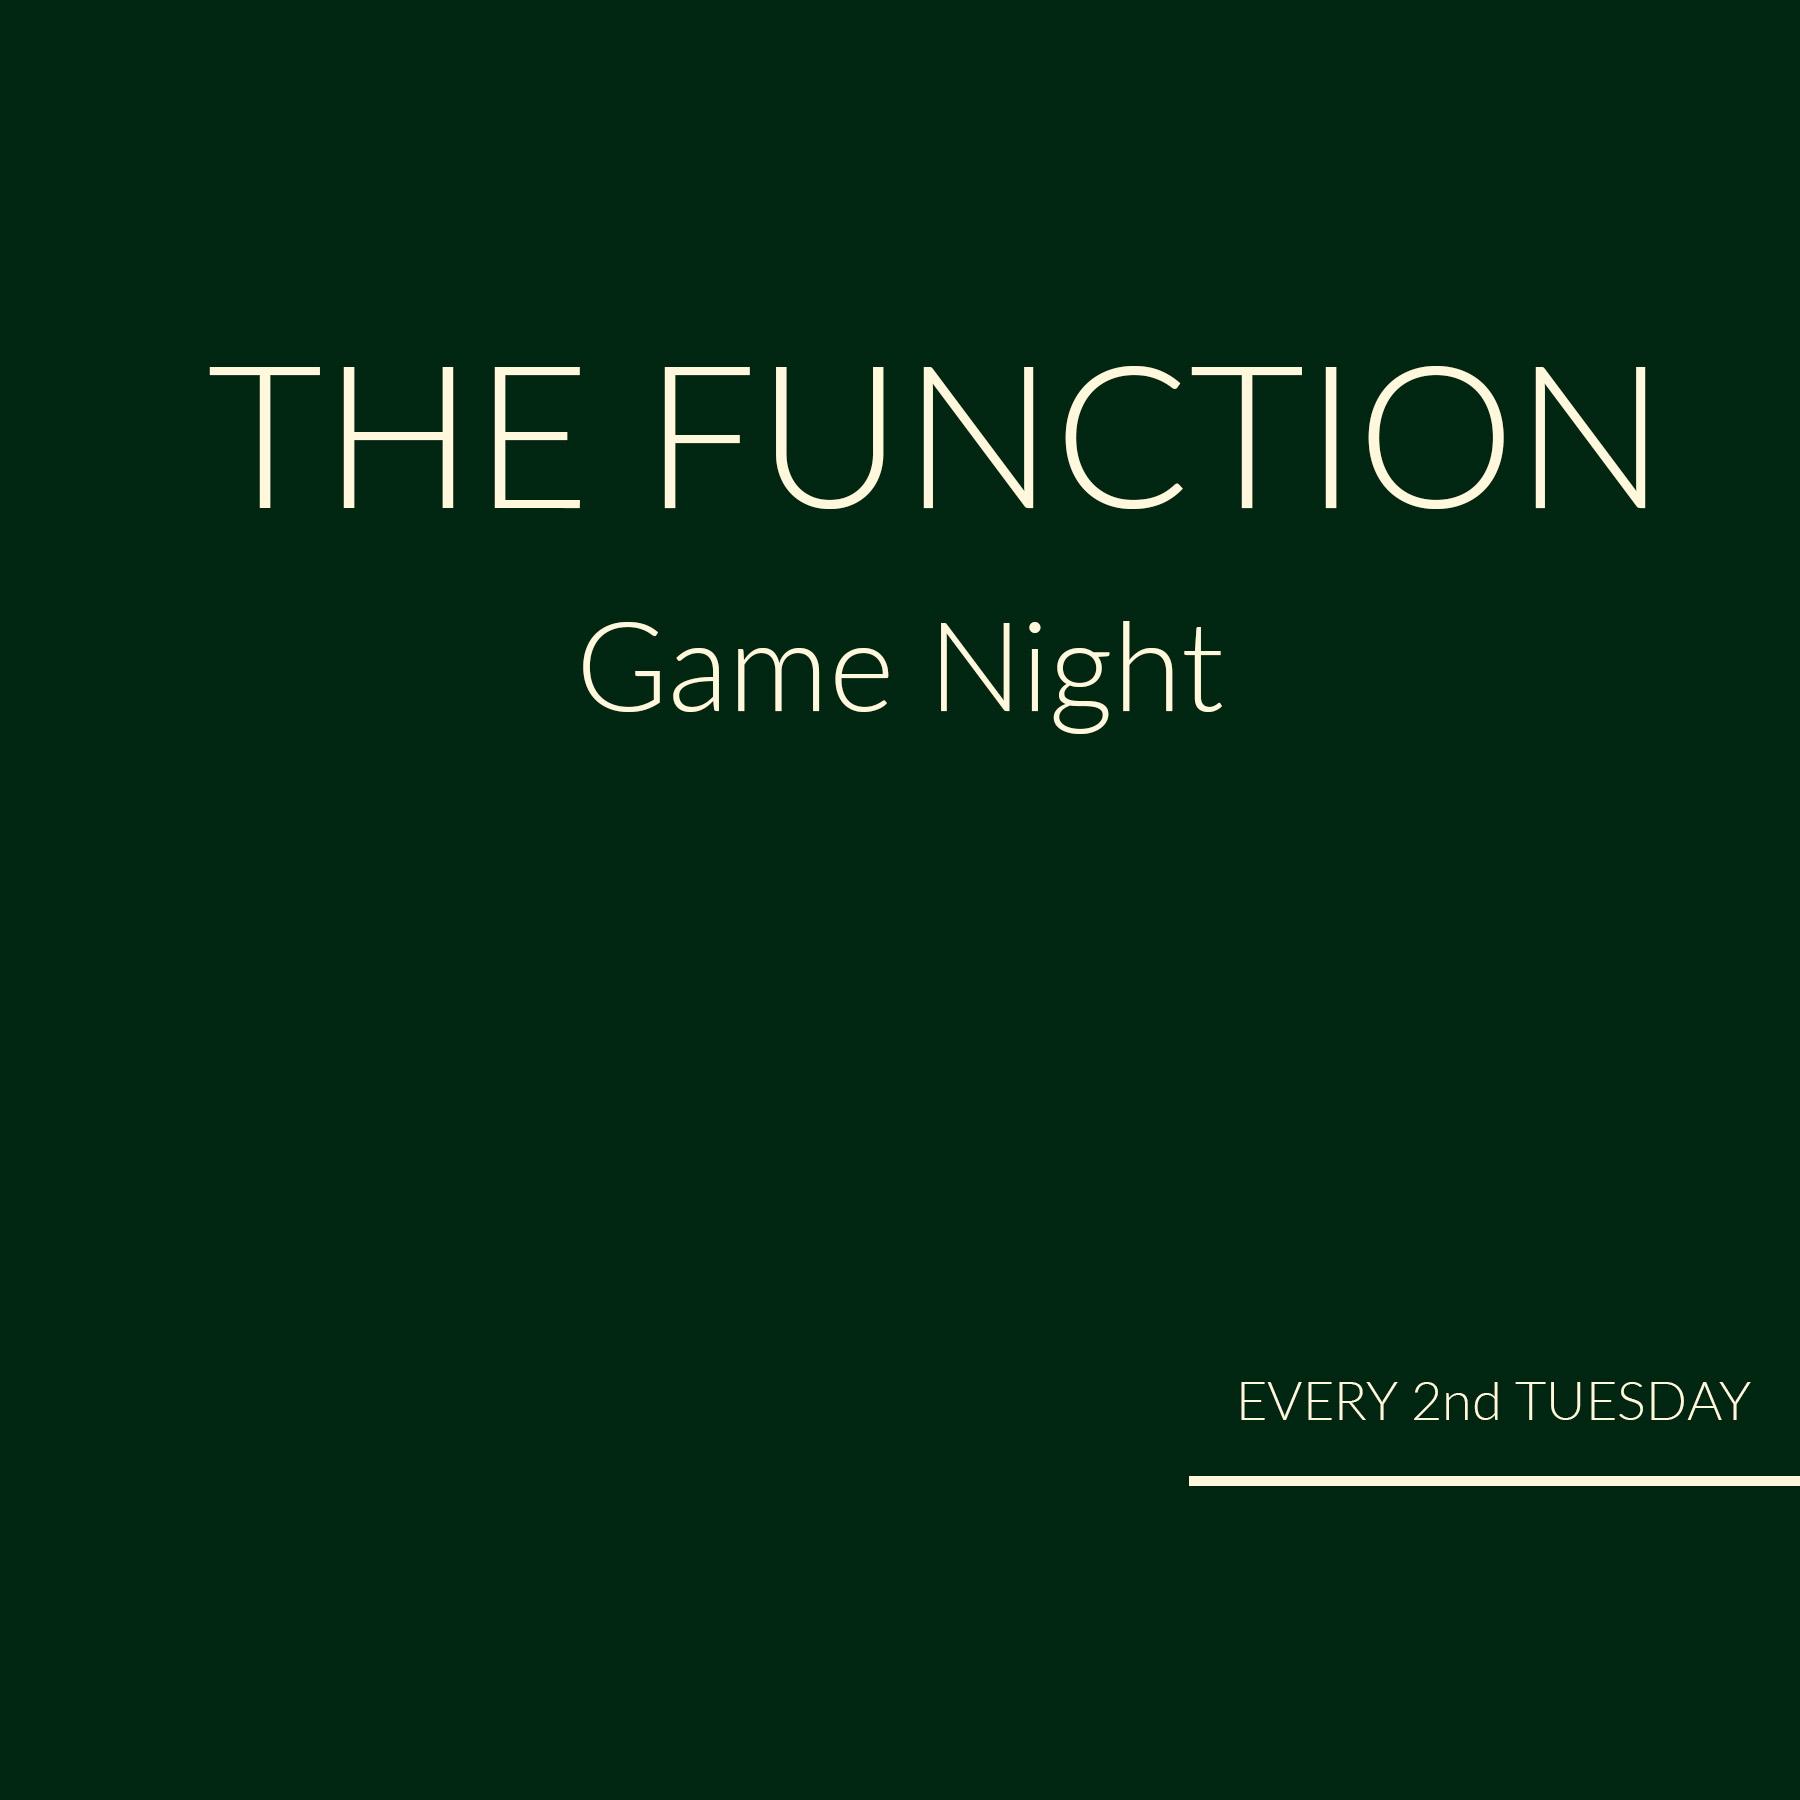 FUNCTION.jpg